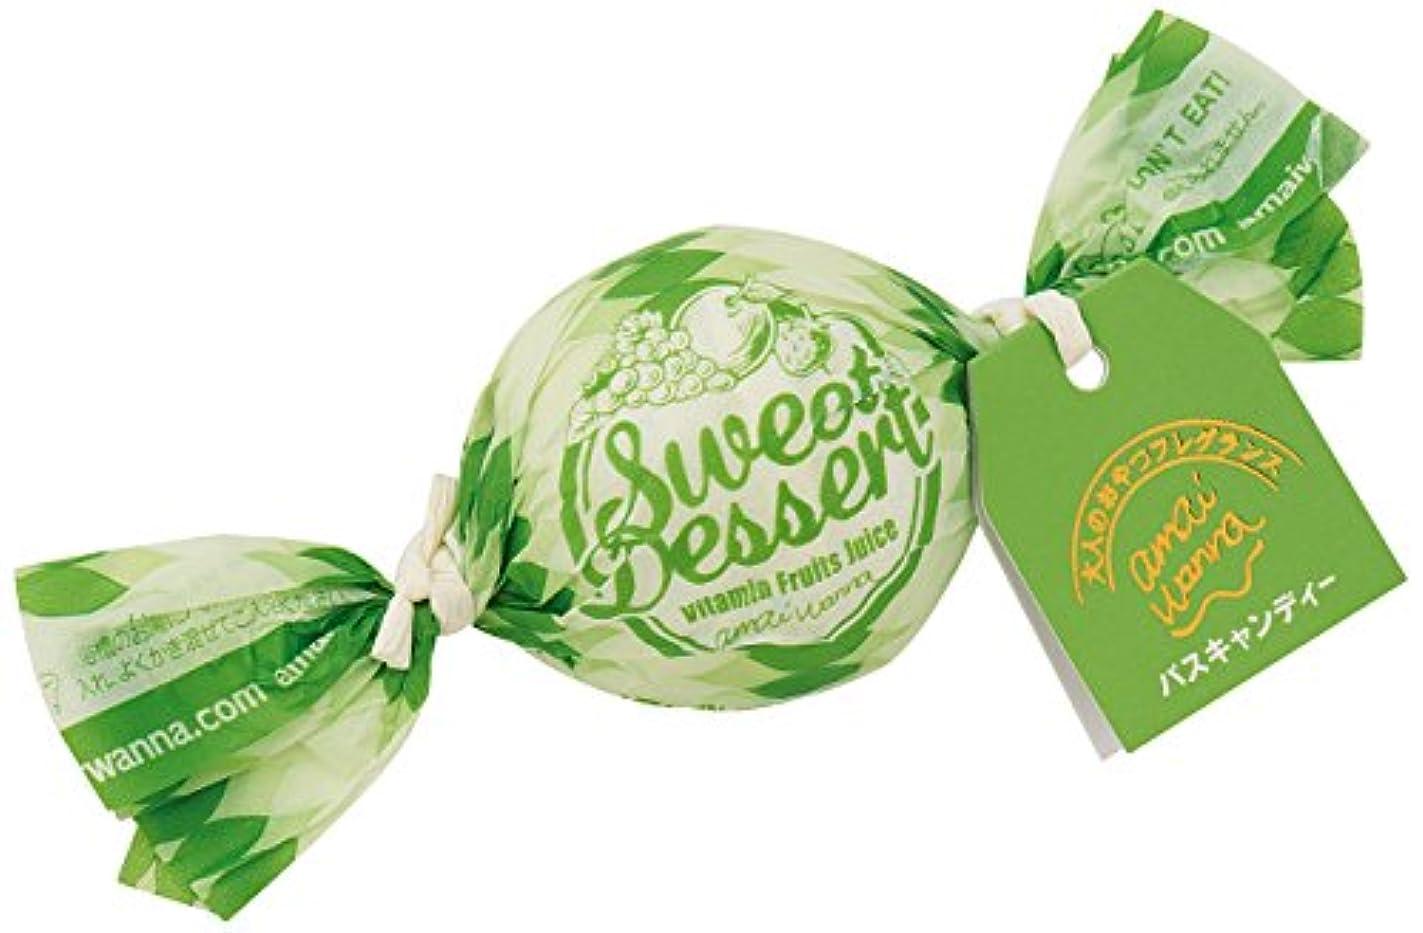 残基兄弟愛極端なアマイワナ バスキャンディー35g×12粒 ビタミンフルーツジュース(発泡タイプ入浴料 心はずむ元気なビタミンフルーツの香り)